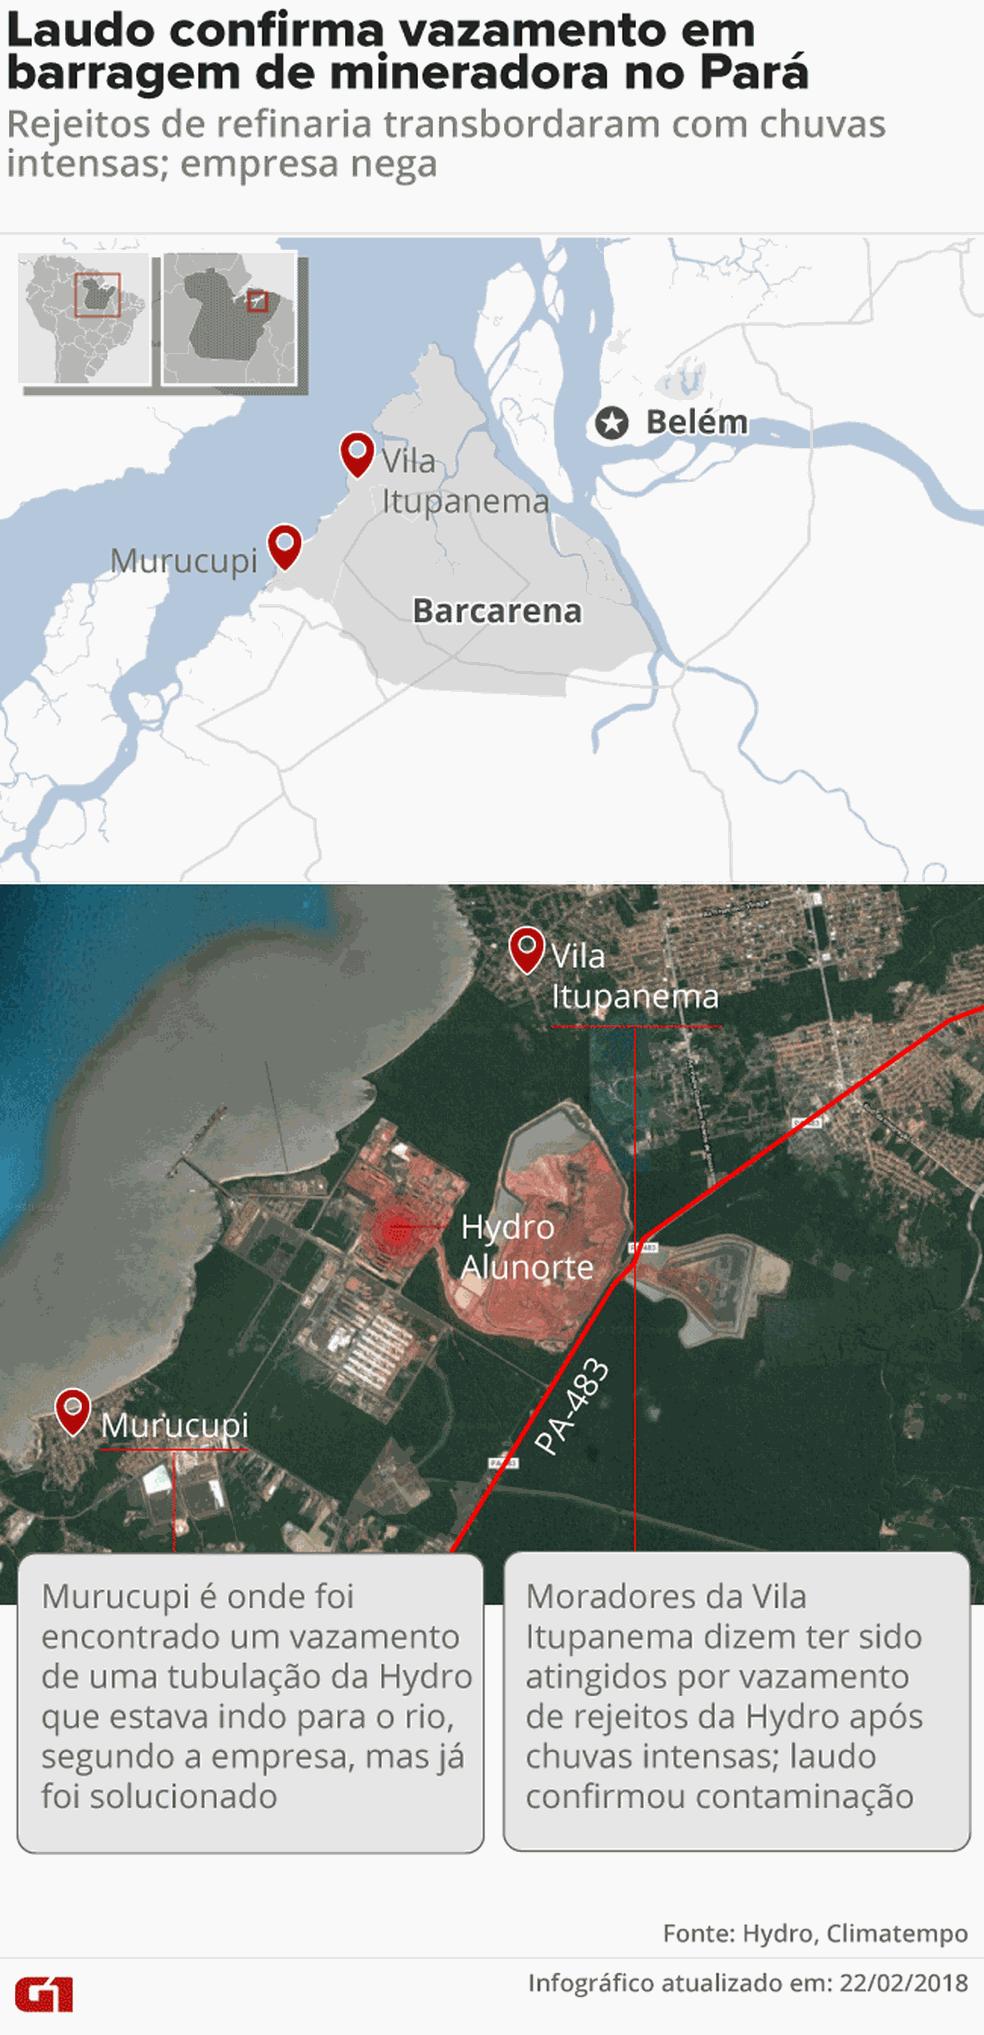 Laudo confirma vazamento em Barcarena (Foto: Editoria de Arte/G1)